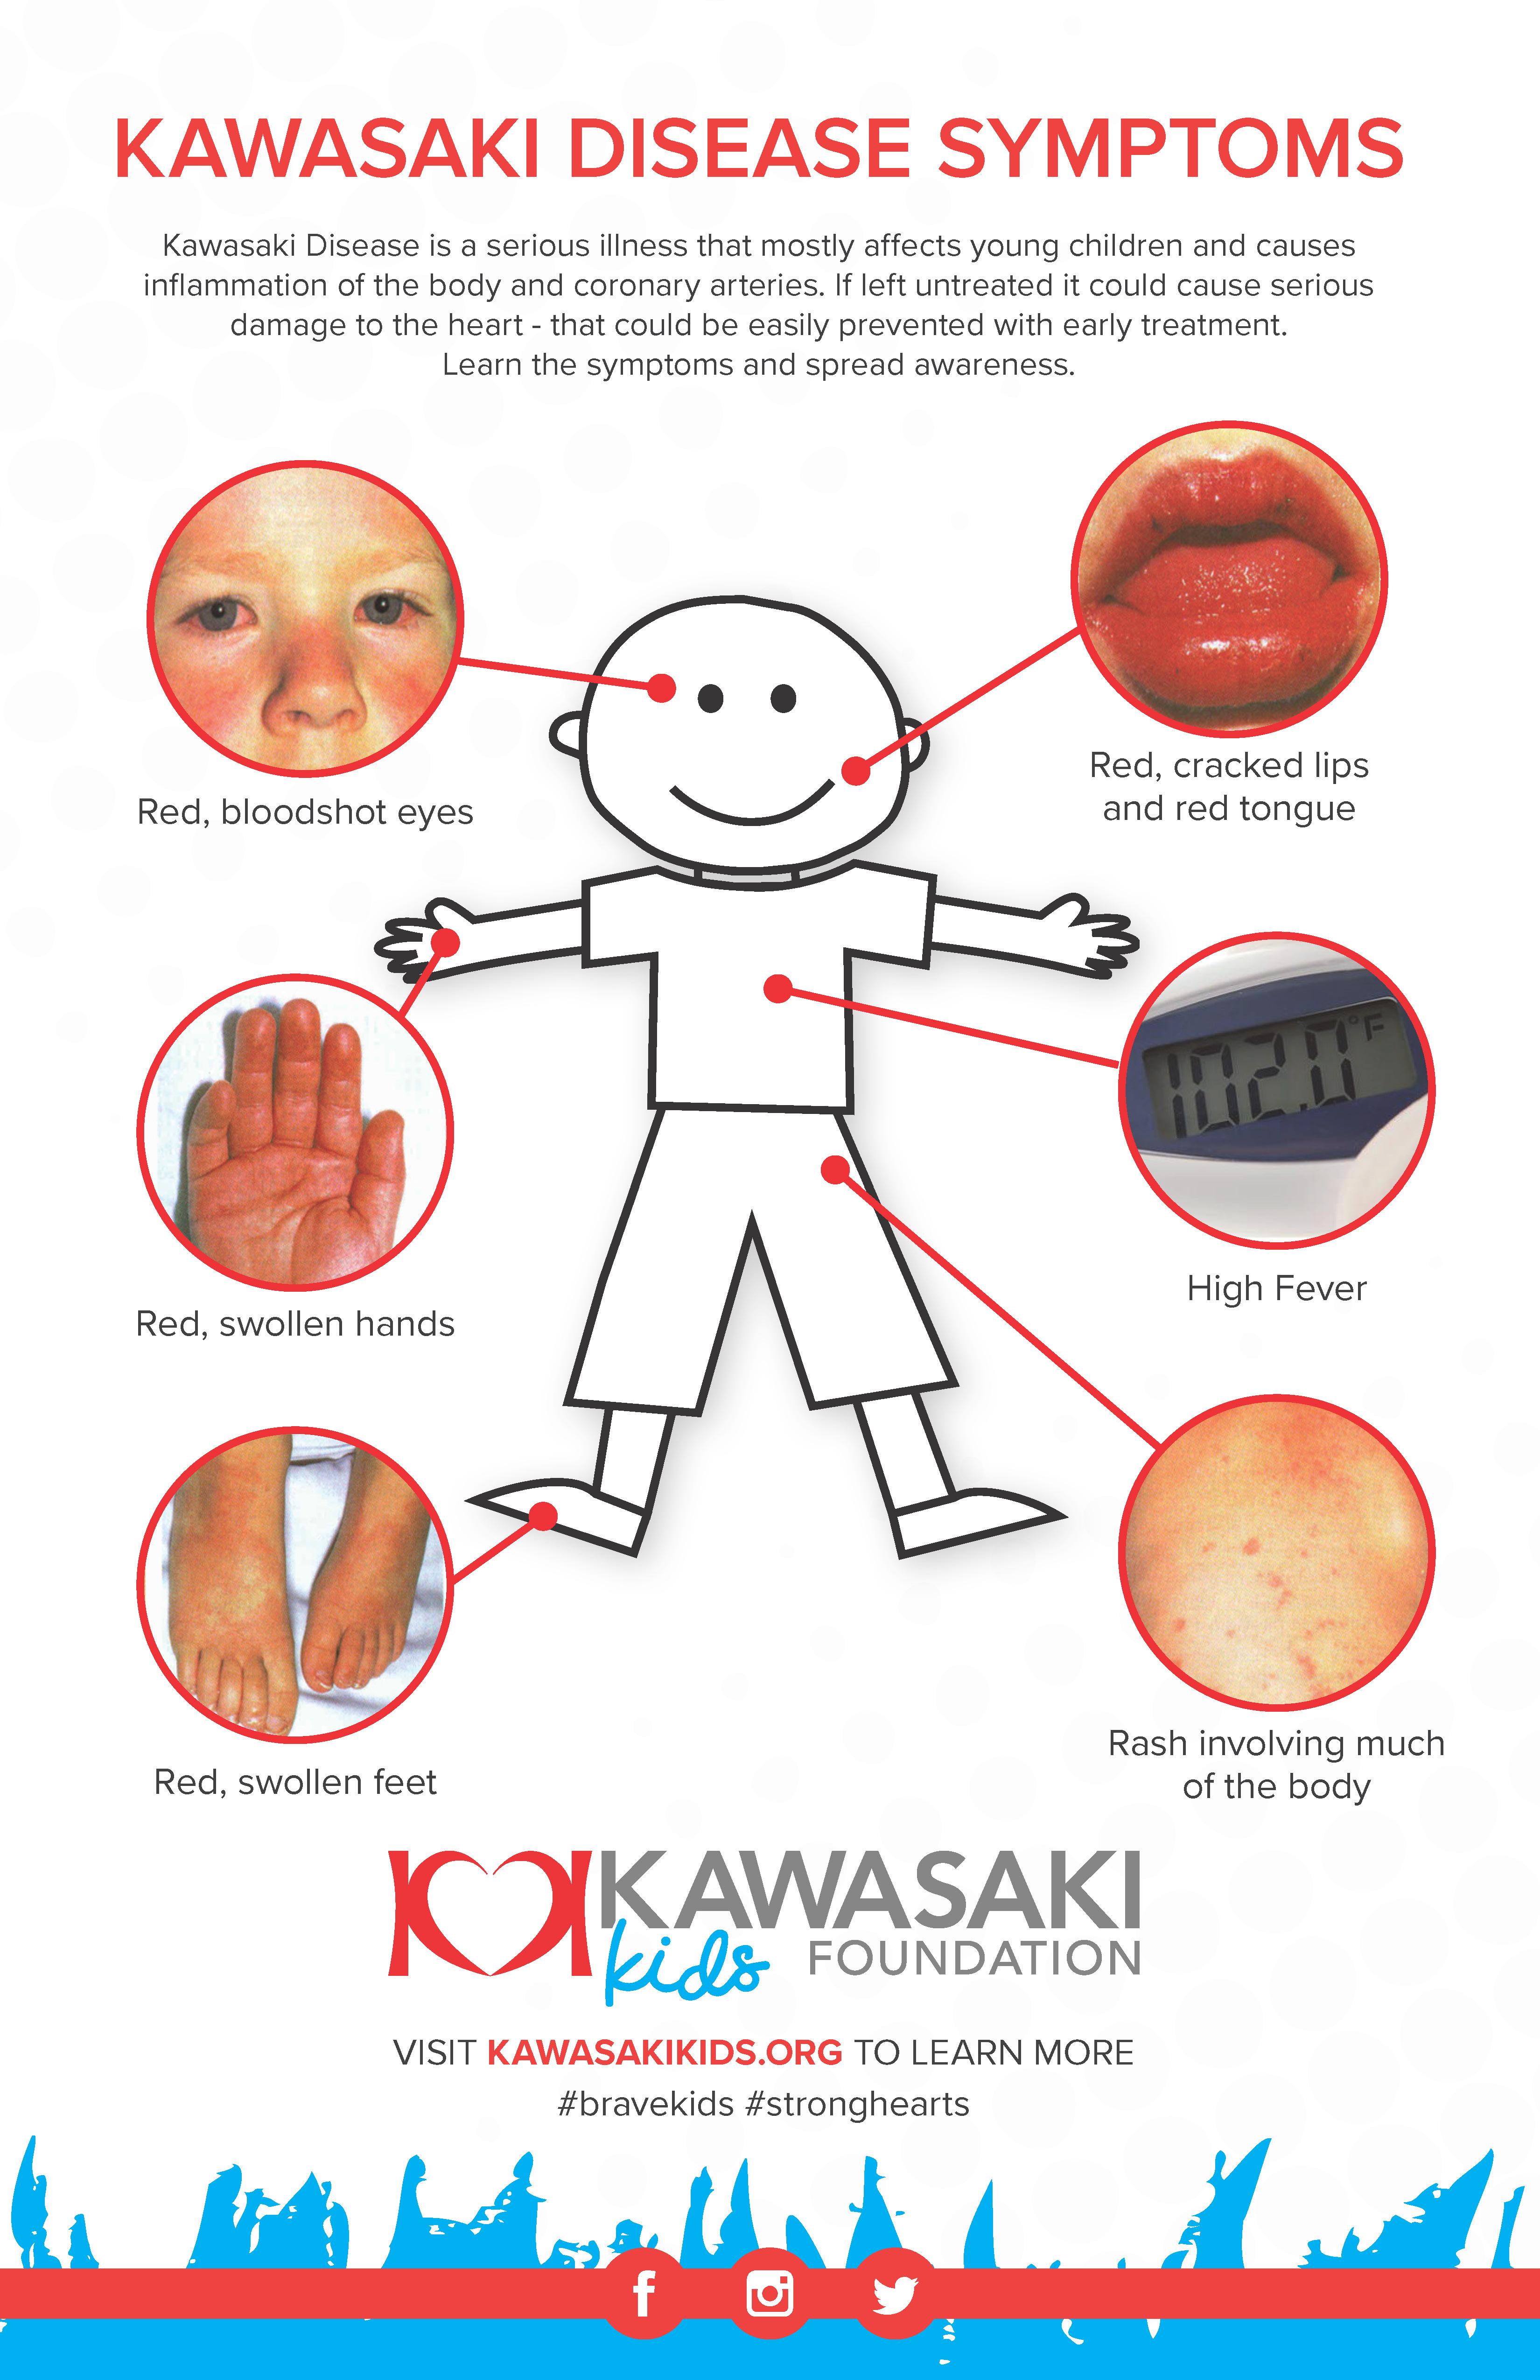 Kawasaki Disease Symptoms Poster